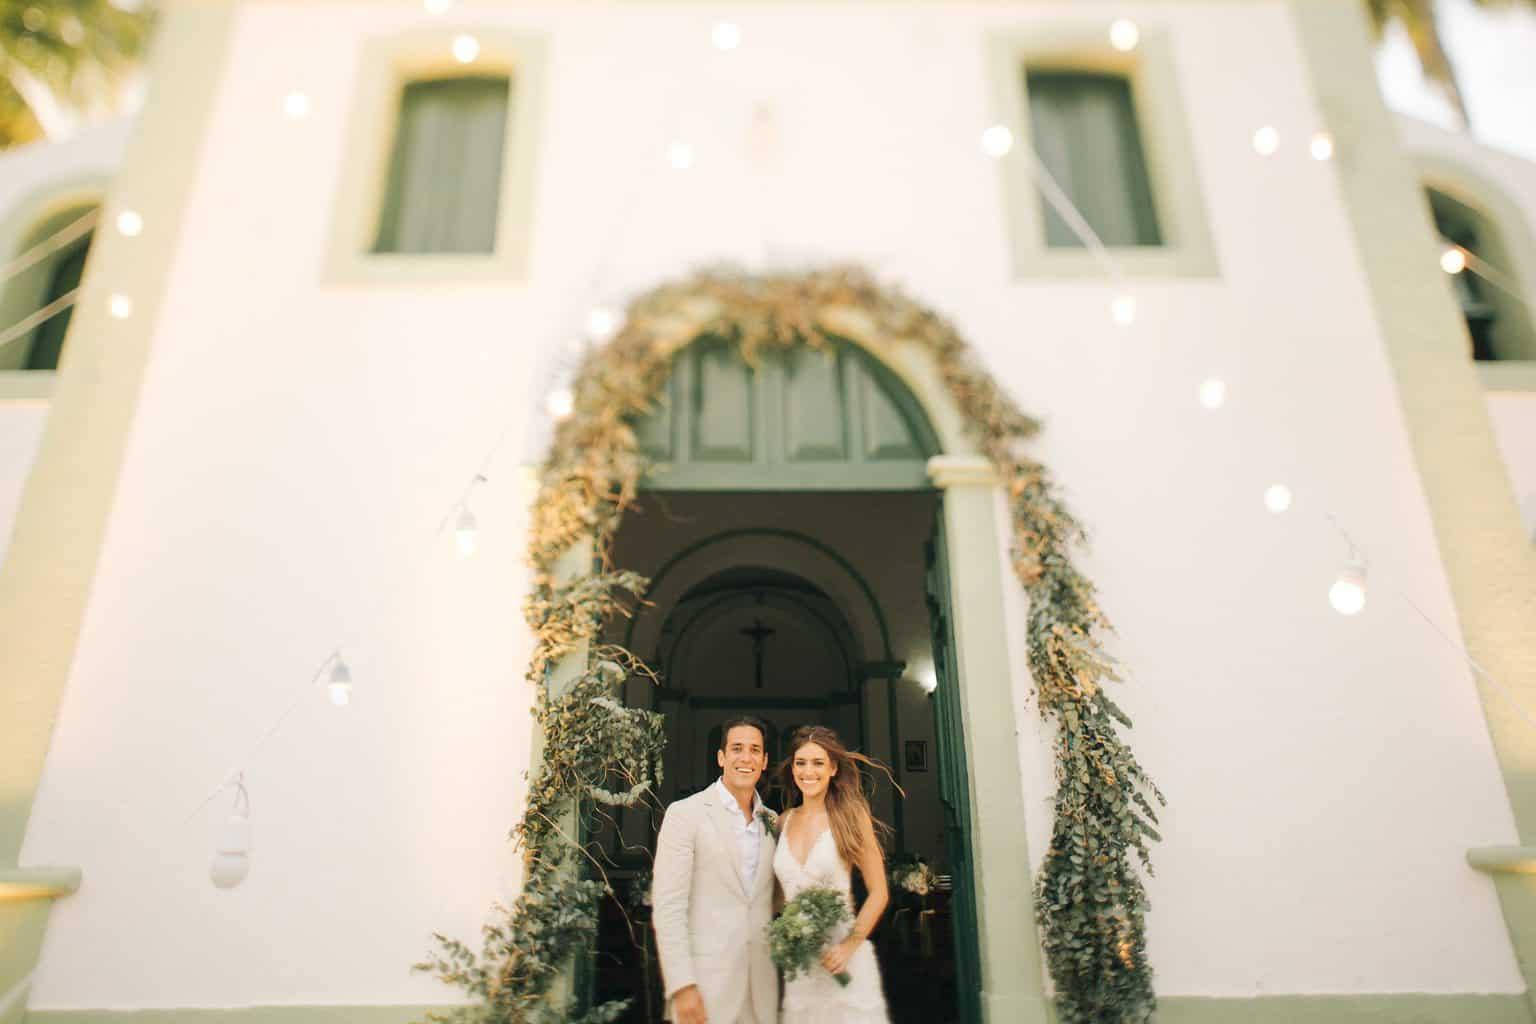 casamento-Danielle-e-Guilherme-aloha-fotografia-caseme-106